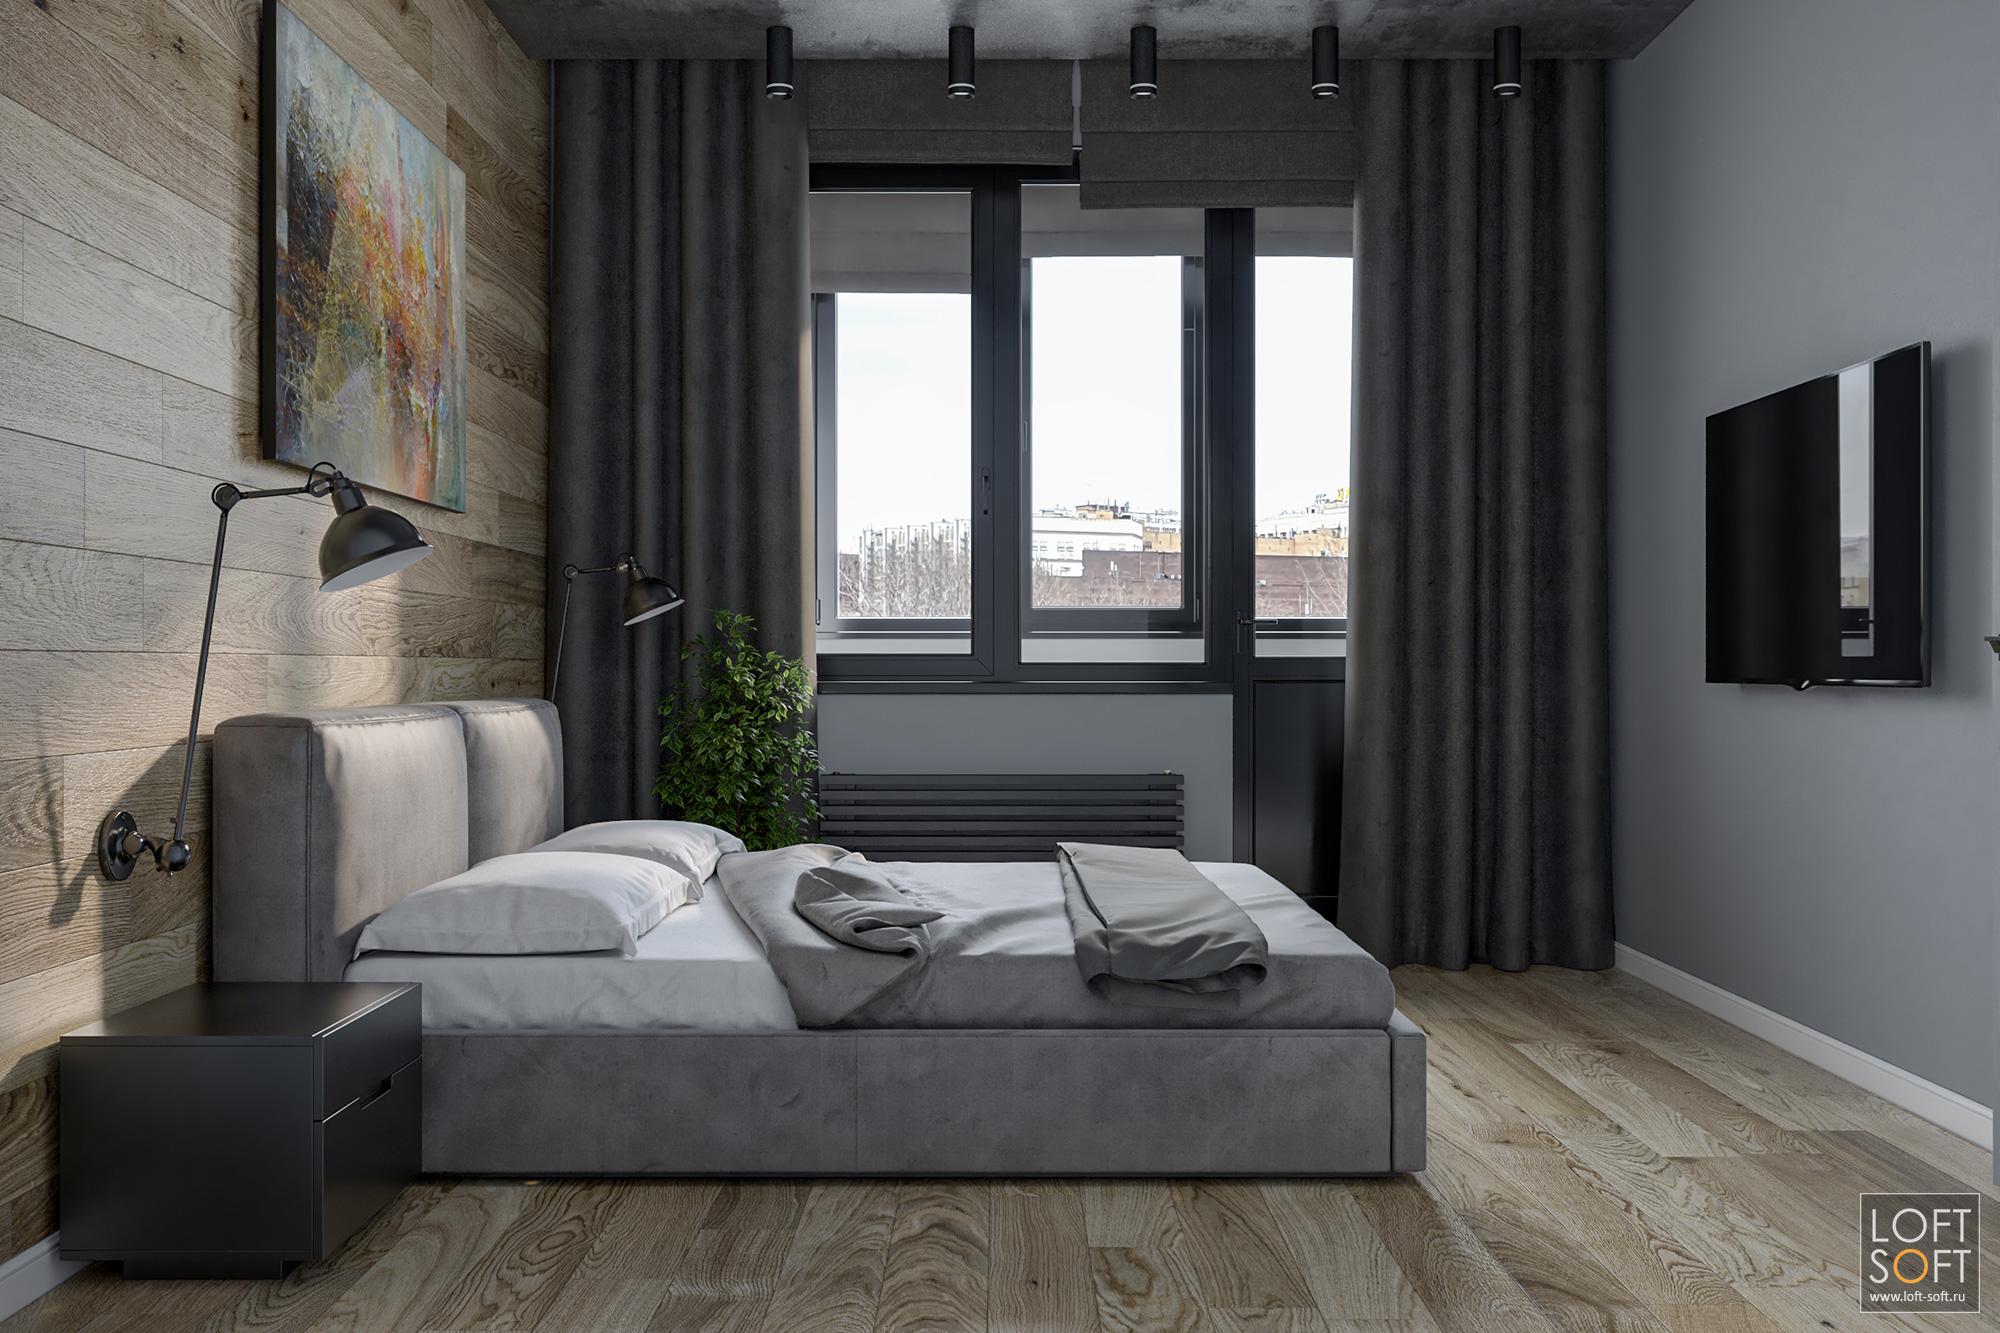 ламинат настене, интересная спальня, уютная спальня